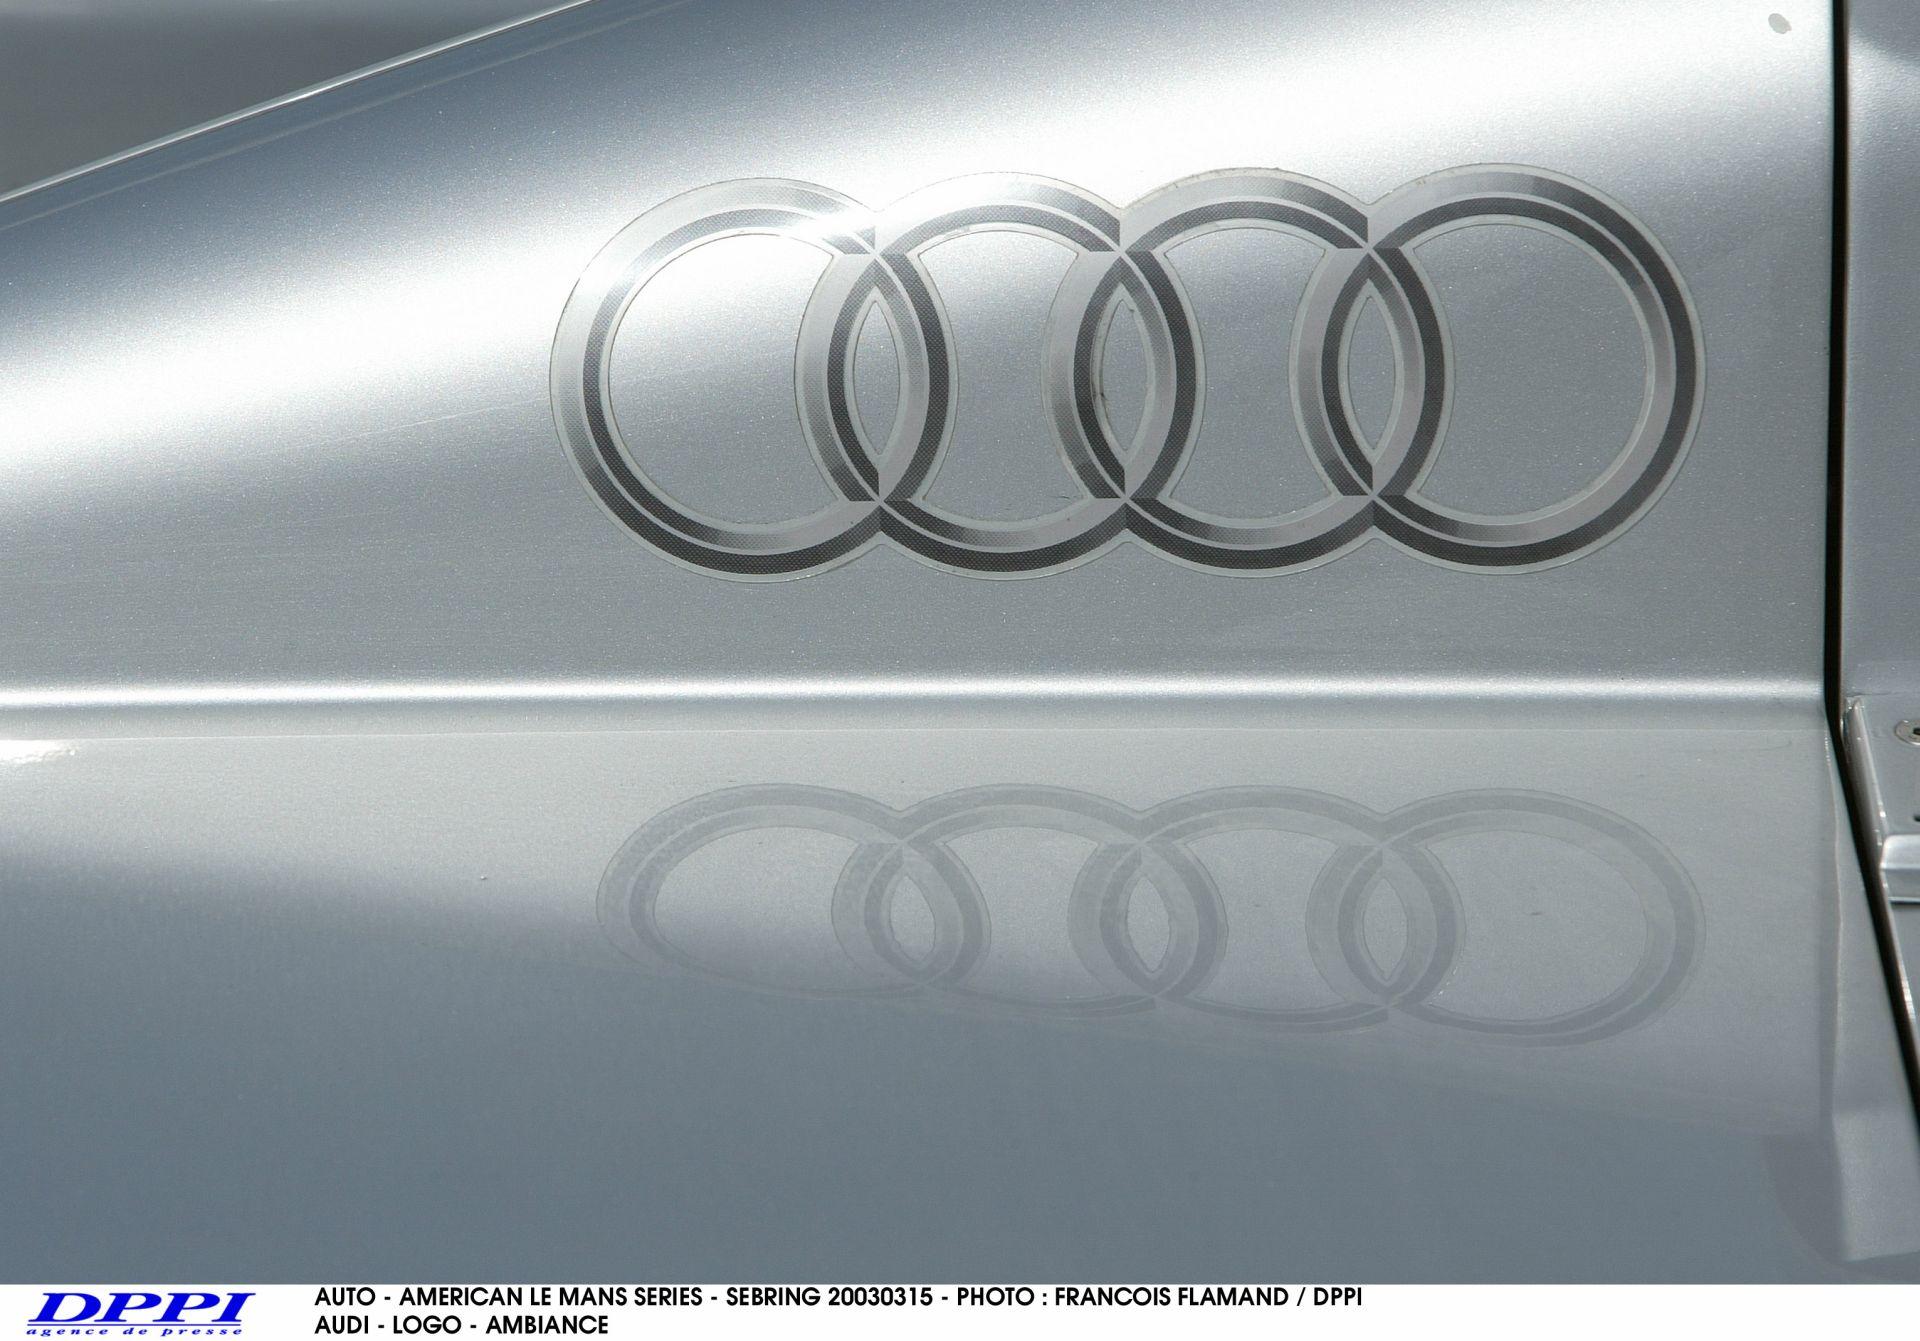 Az Audi pontot tett a Forma-1-es találgatások végére: Nem érdekli őket.